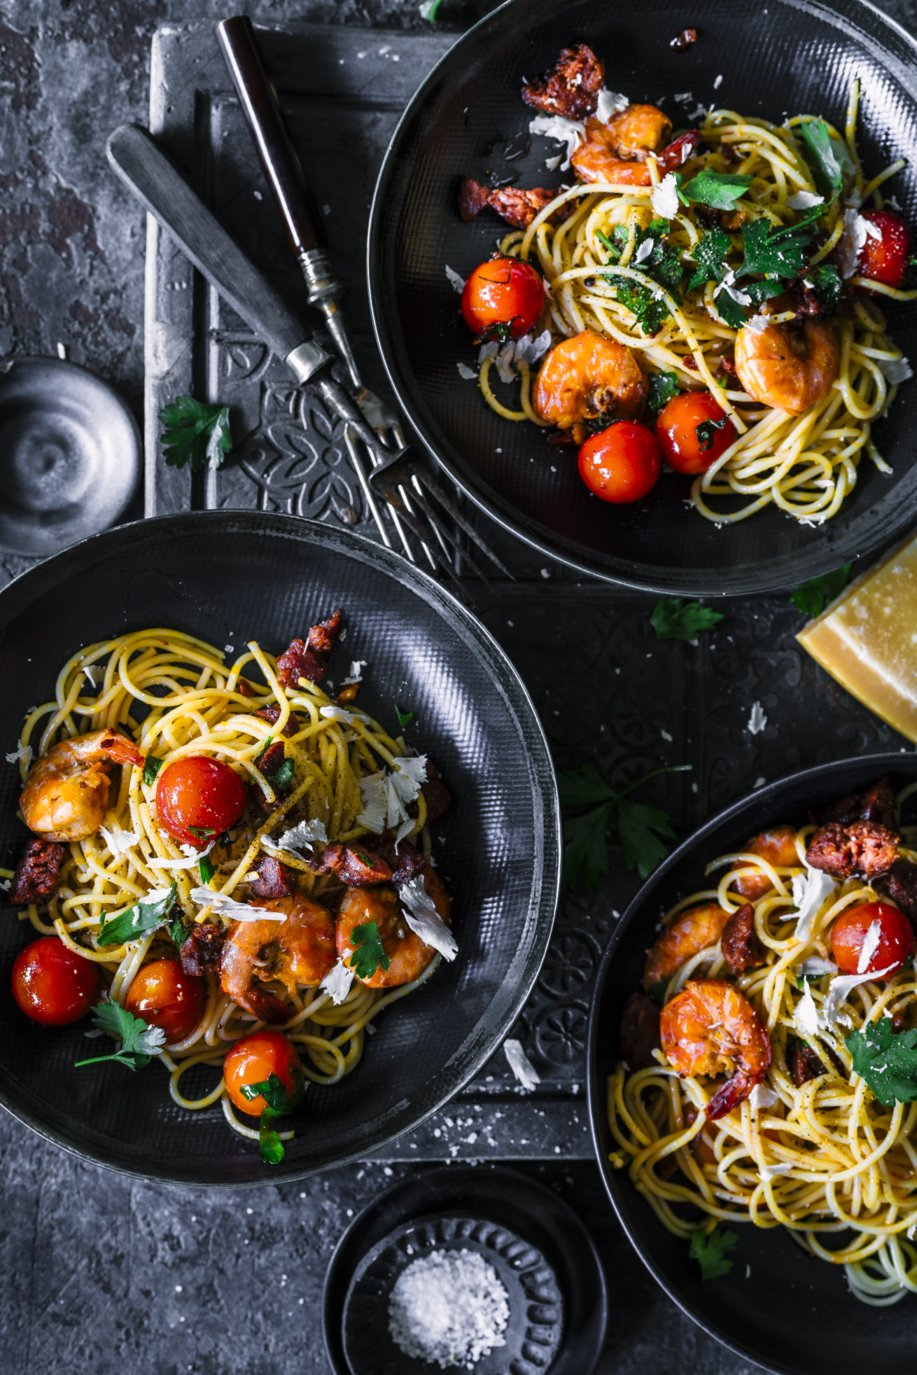 Schnelle Sommerpasta - einfaches Rezept für Spaghetti Surf and Turf